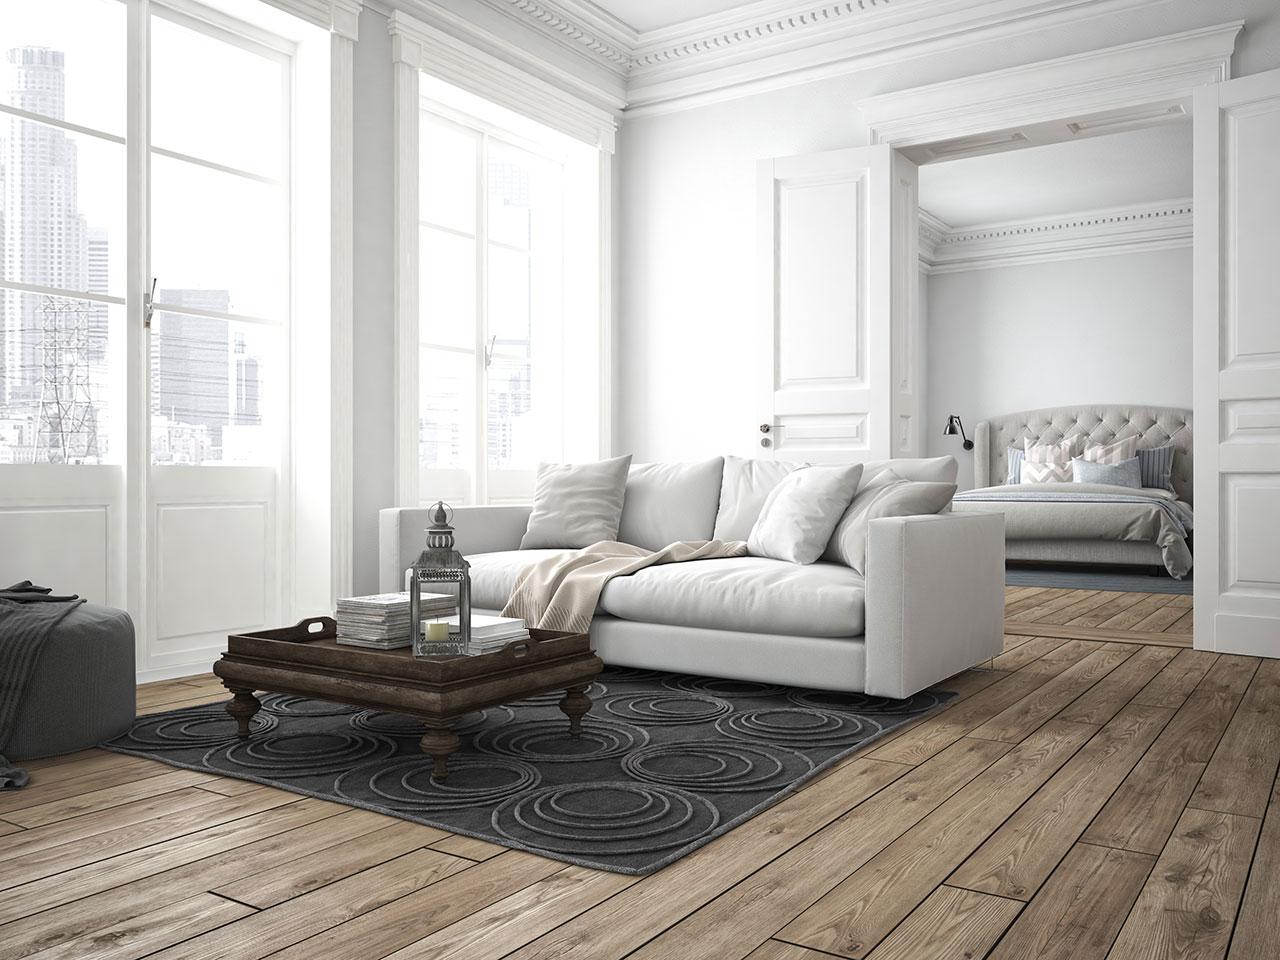 Wohn- und Schlafzimmer - Gebrüder Wehle - Tischlerei & Möbeldesign